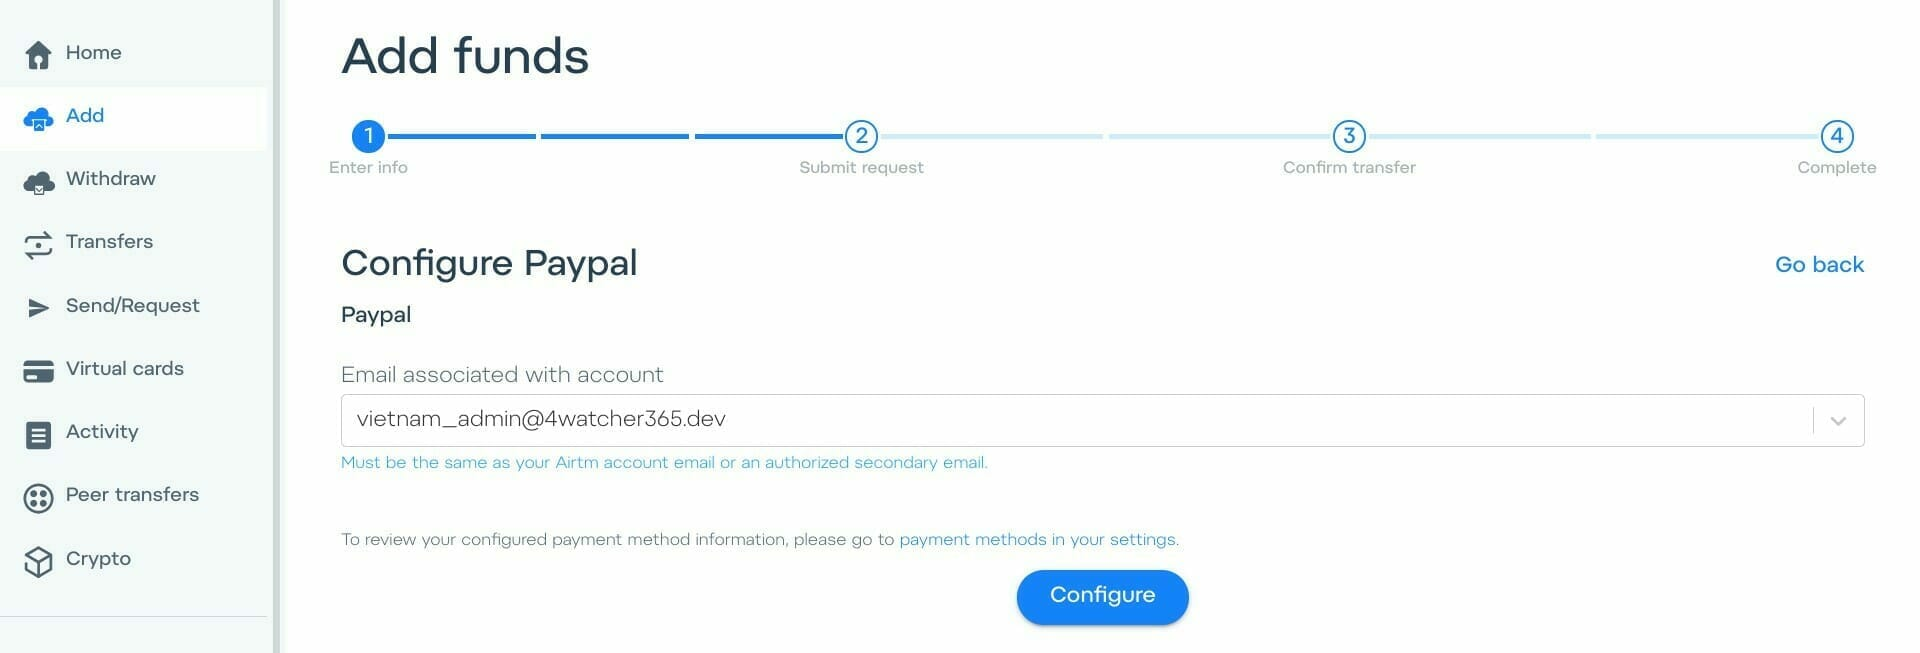 AirTM:PayPal アカウントに紐付いているメールアドレスを指定する